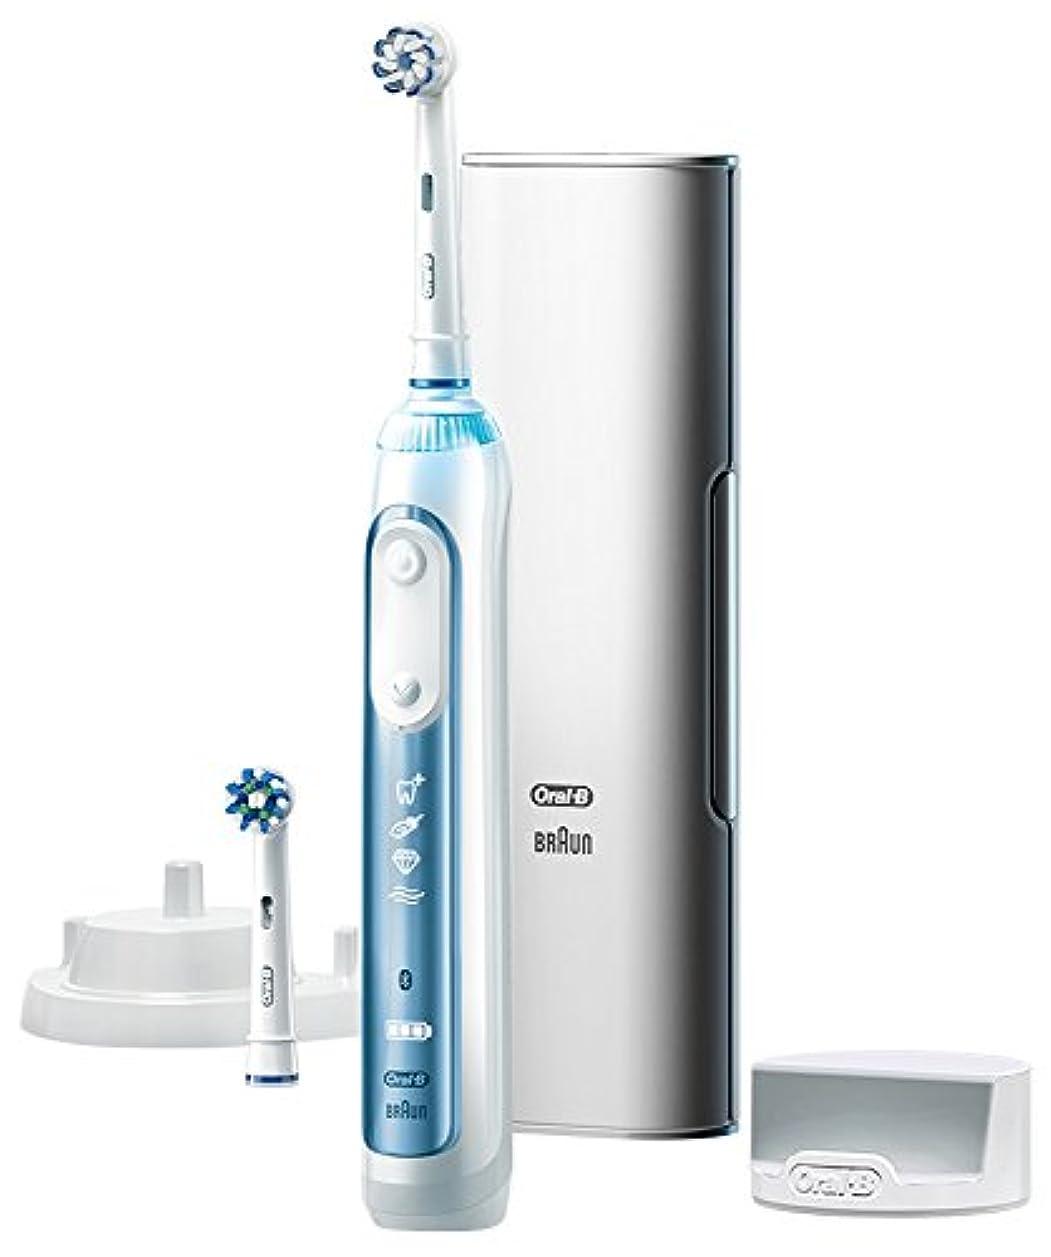 ギャザー速記間ブラウン オーラルB 電動歯ブラシ スマート7000 D7005245XP D7005245XP